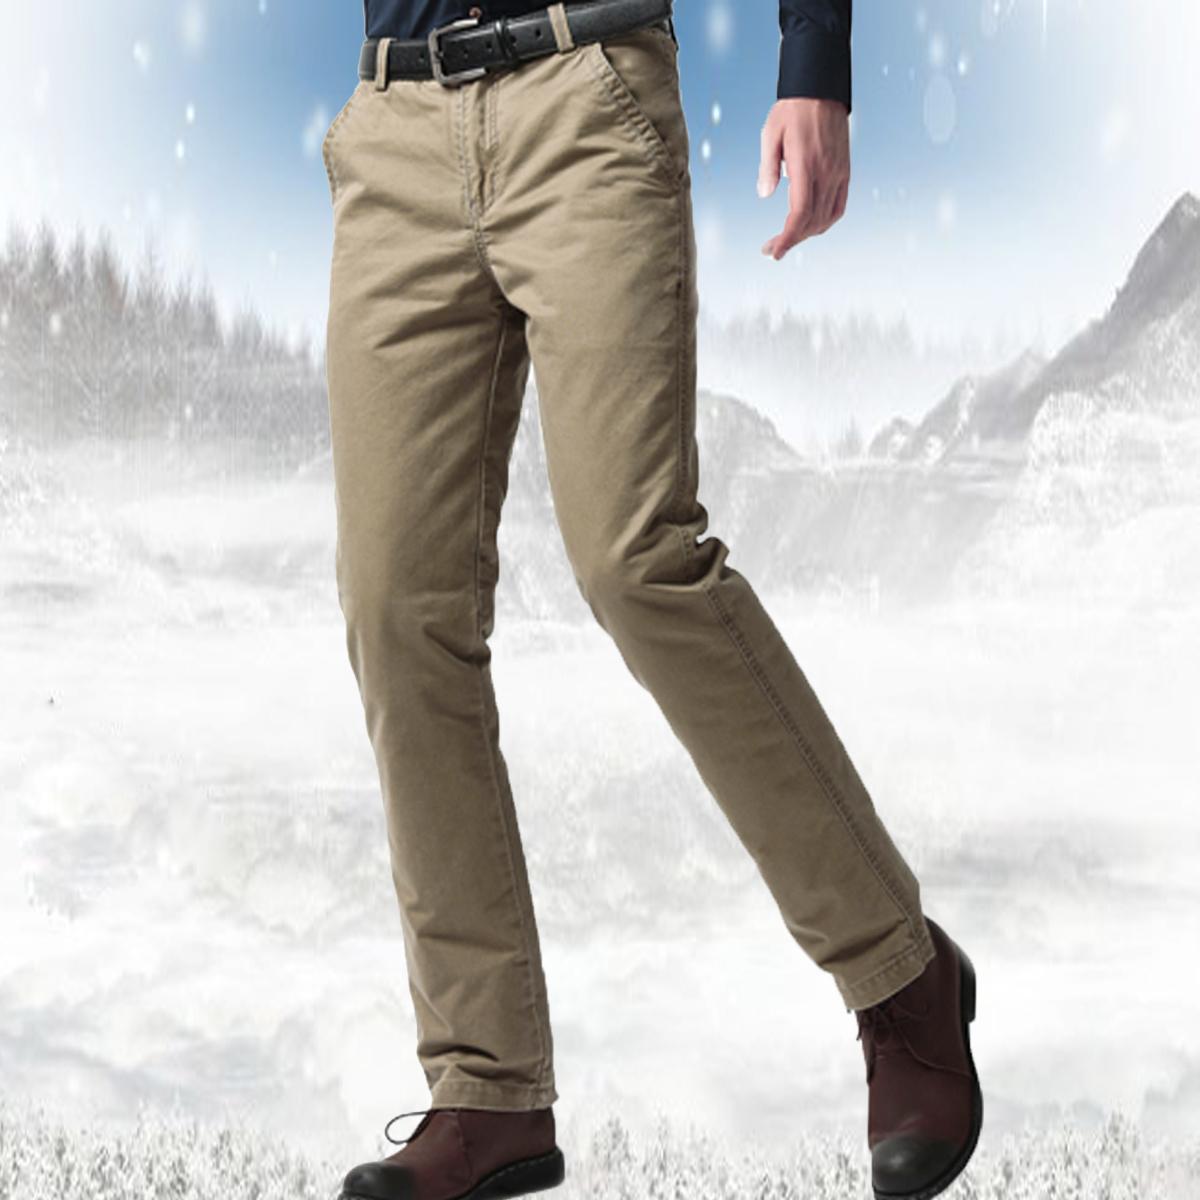 男羽绒裤外穿青年显瘦脱卸加厚内胆高腰修身休闲中老年羽绒棉裤冬